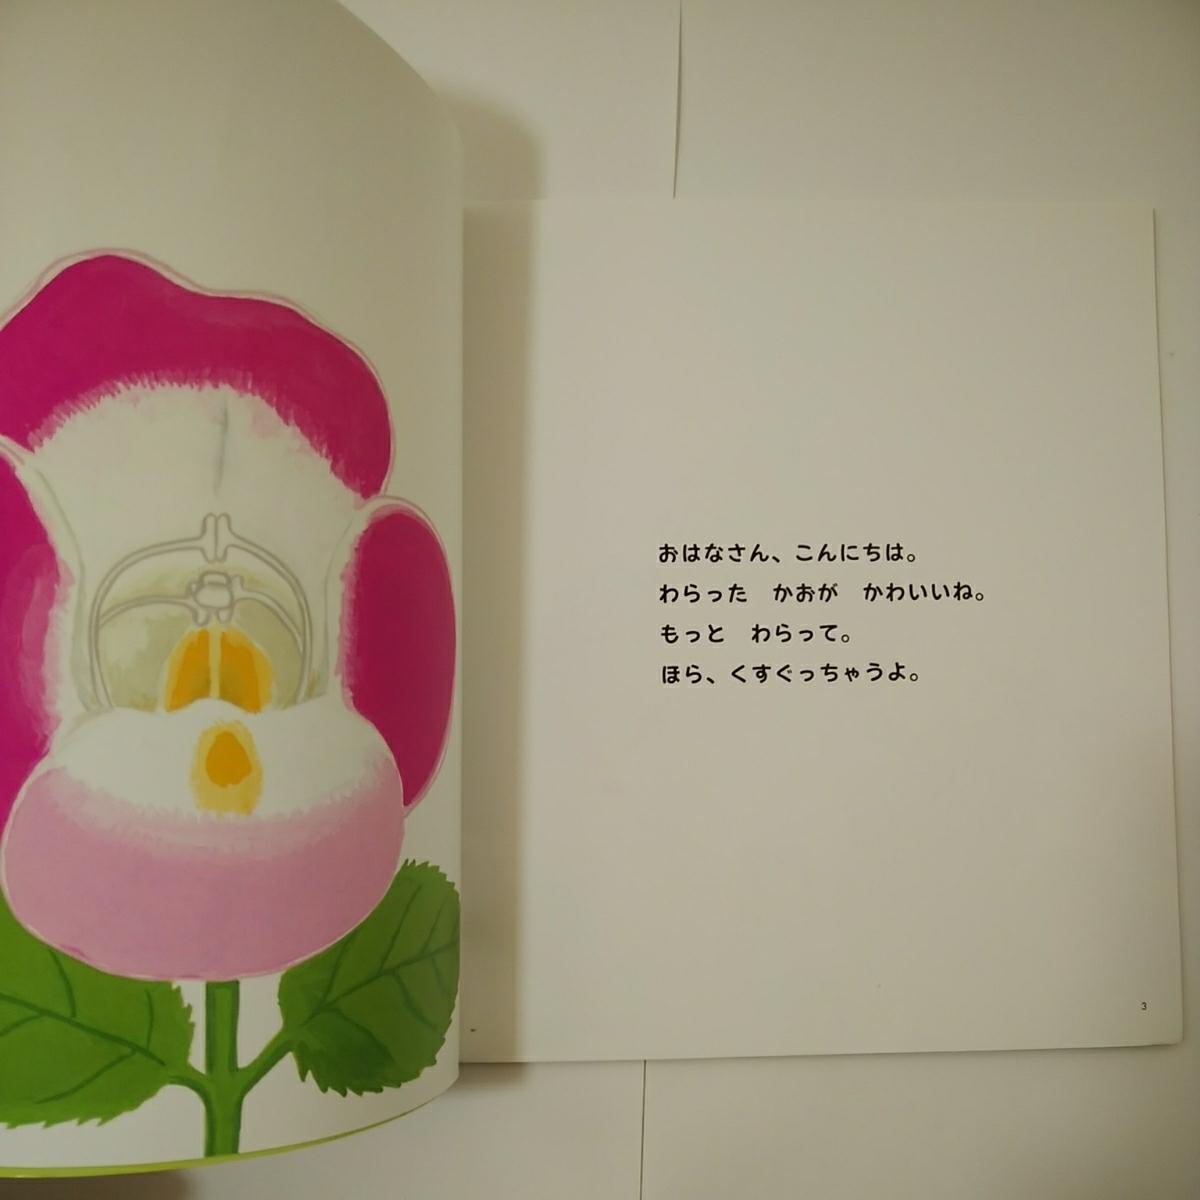 ♪おはな こちょこちょ 多田 多恵子 文 / 平野 恵理子 絵(ちいさなかがくのとも)福音館書店 z-50-191116